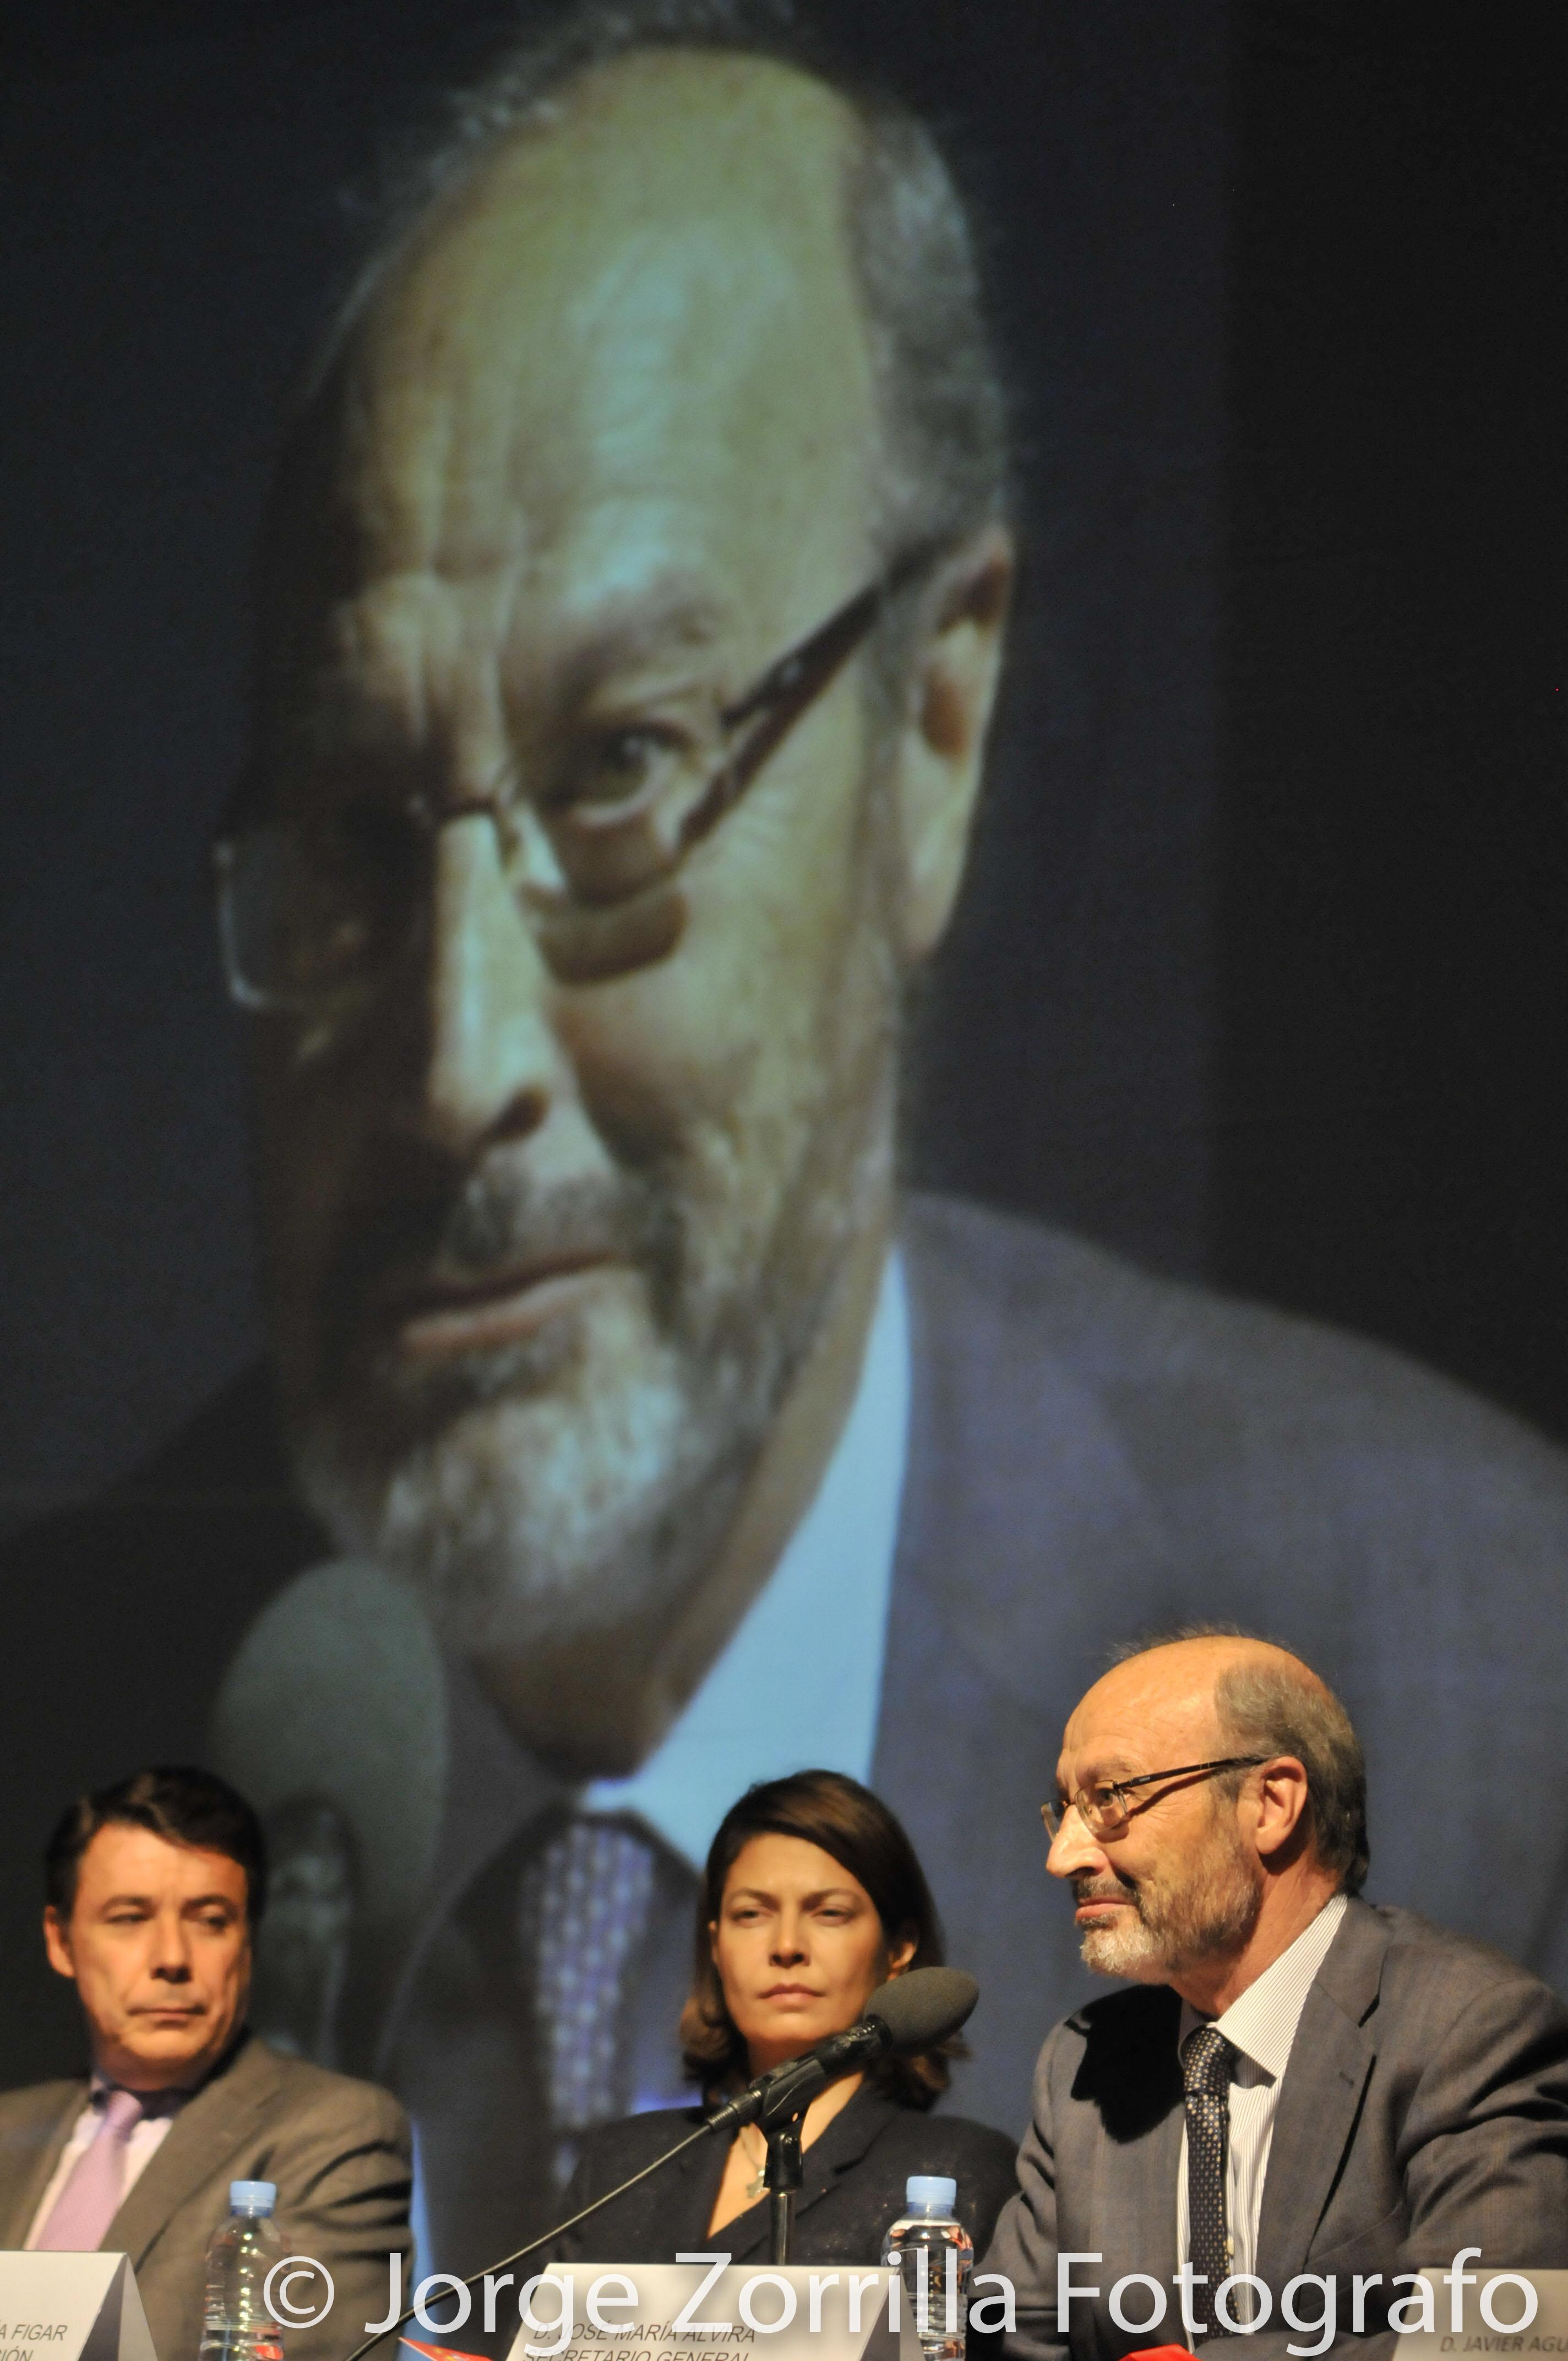 Fotografía de José Maria Avila, Secretario General de Escuelas Católicas de Madrid © Jorge Zorrilla